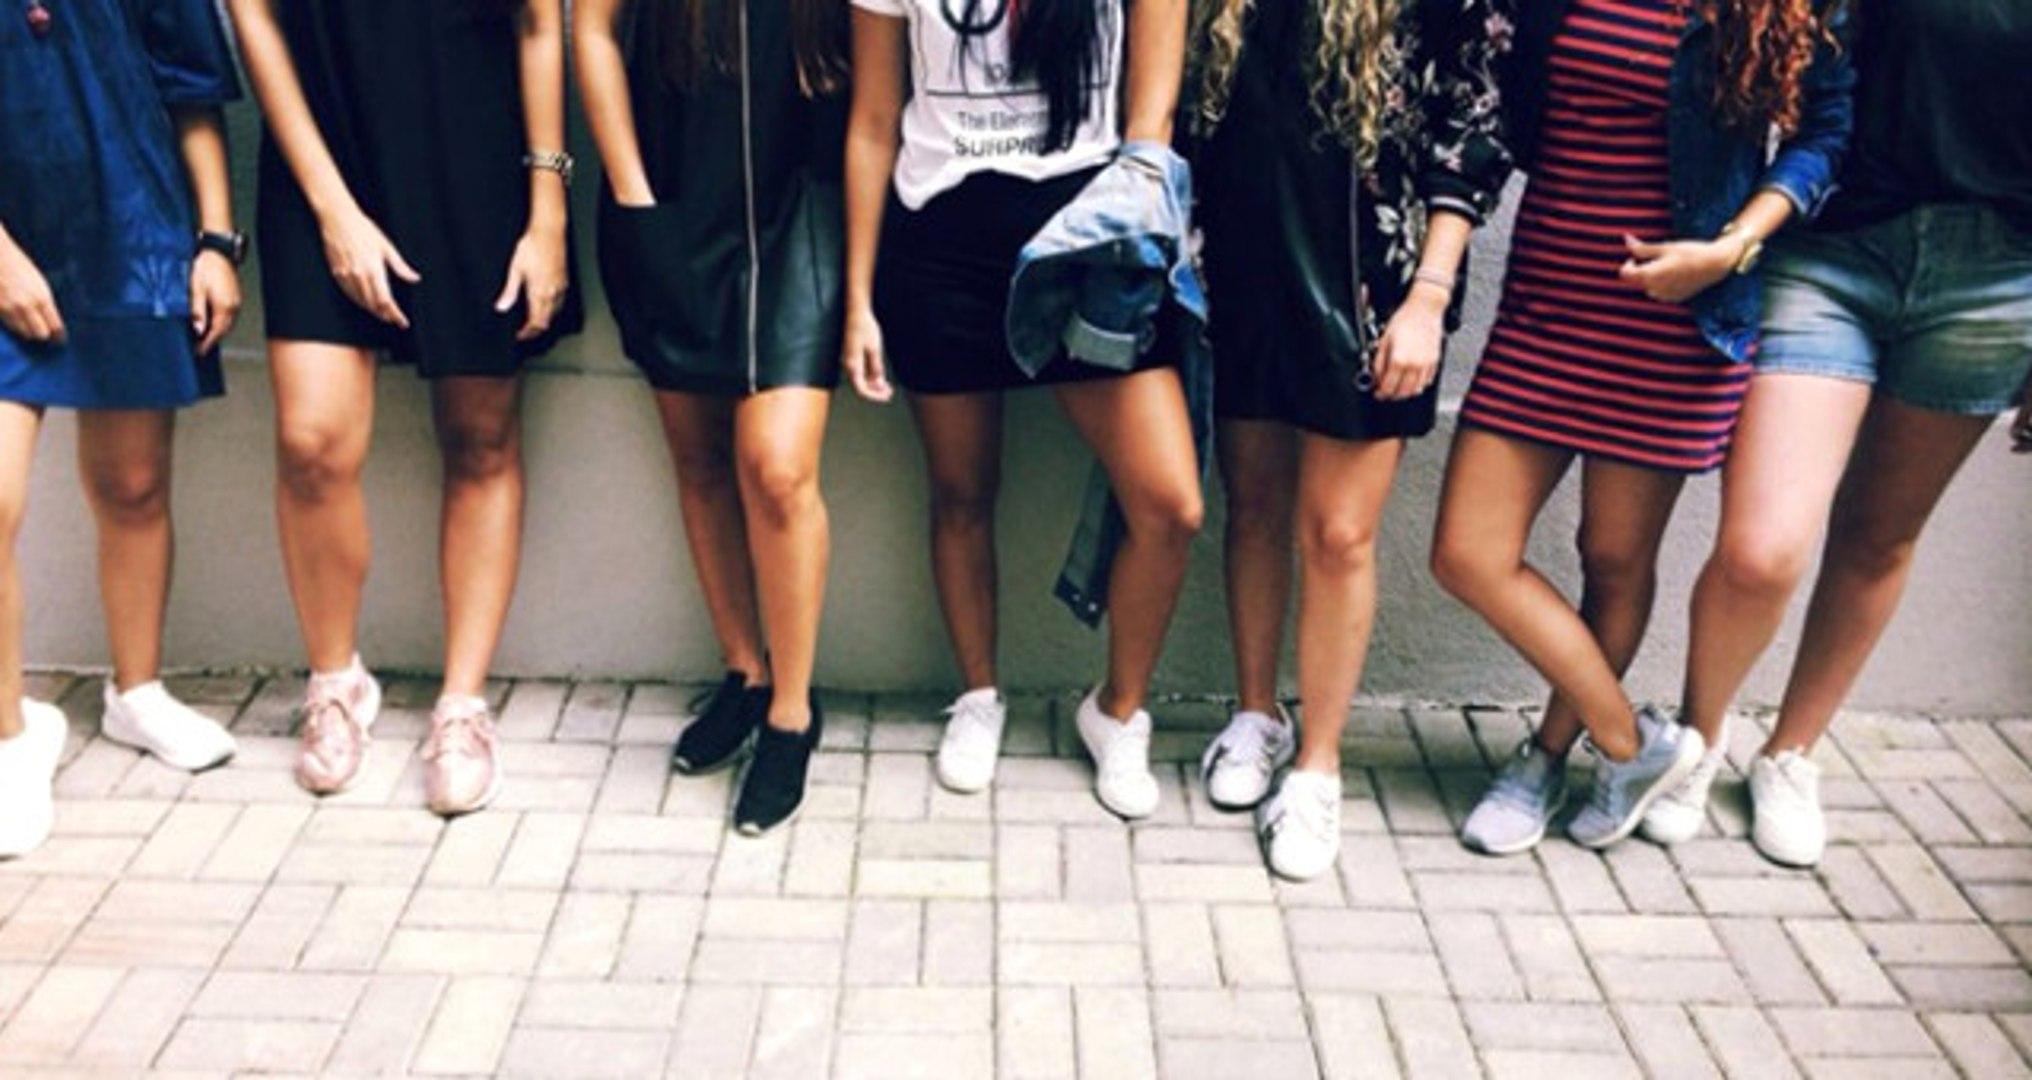 Kolombiyalı Üniversite Öğrencileri Okul Yönetimine Tepki Olarak Mini Etek Kampanyası Başlattı